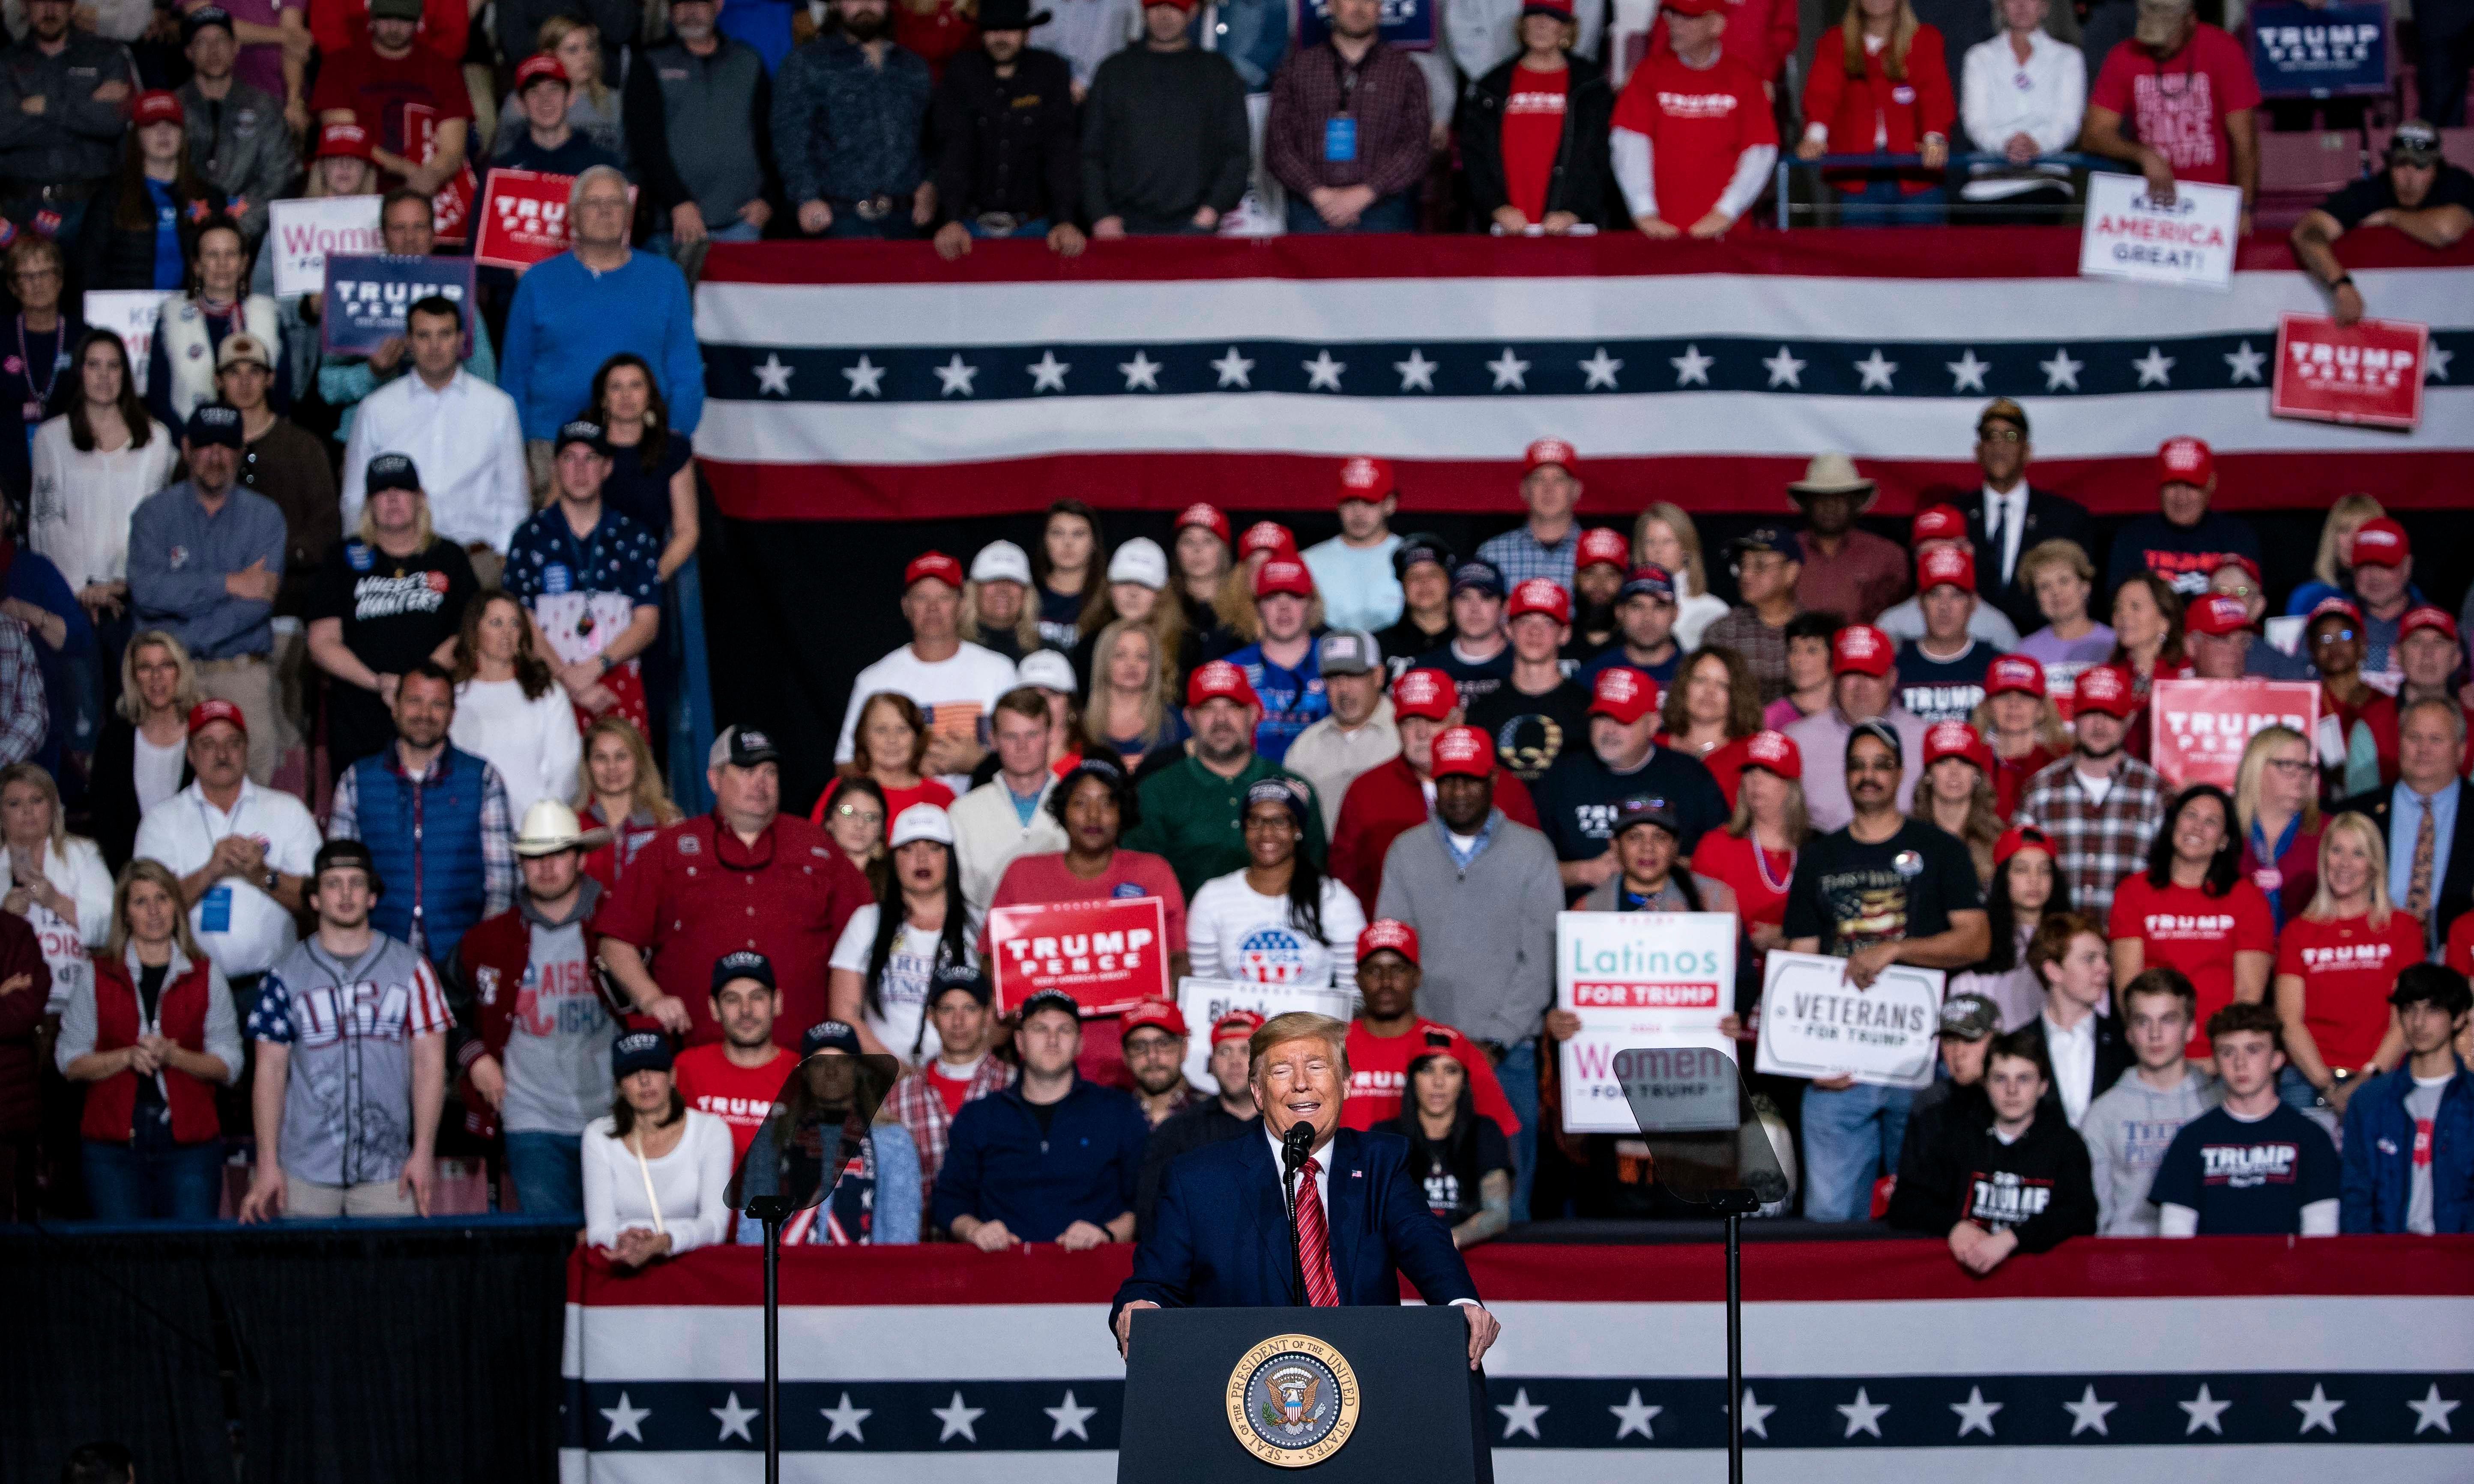 Trump calls coronavirus criticism Democrats' 'new hoax' and links it to immigration